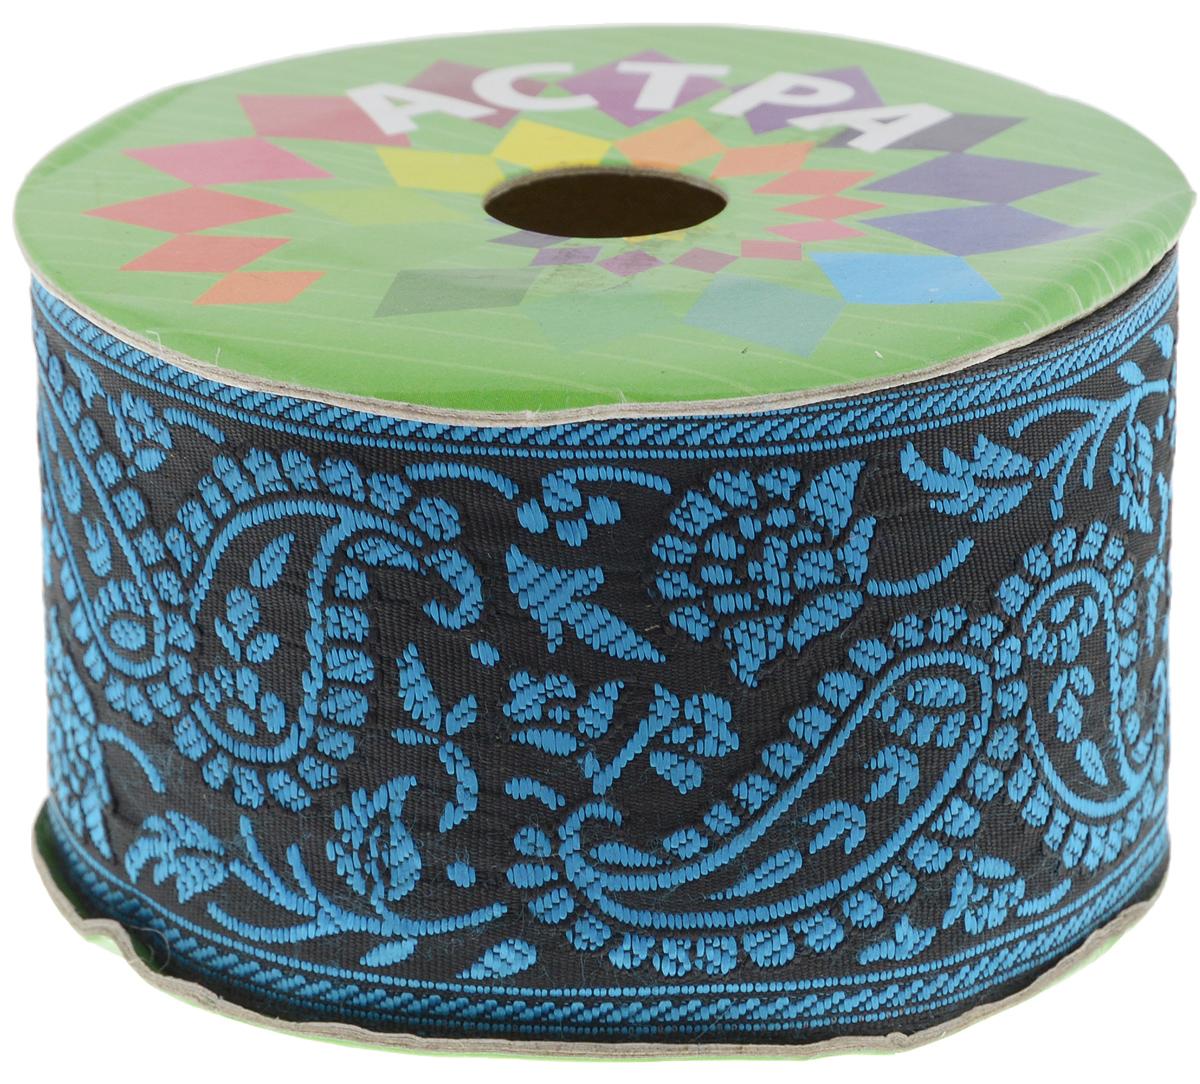 Тесьма декоративная Астра, цвет: голубой (72), ширина 6 см, длина 9 м. 77034327703432_72Декоративная тесьма Астра выполнена из текстиля и оформлена оригинальным жаккардовым орнаментом. Такая тесьма идеально подойдет для оформления различных творческих работ таких, как скрапбукинг, аппликация, декор коробок и открыток и многое другое. Тесьма наивысшего качества и практична в использовании. Она станет незаменимым элементом в создании рукотворного шедевра. Ширина: 6 см. Длина: 9 м.